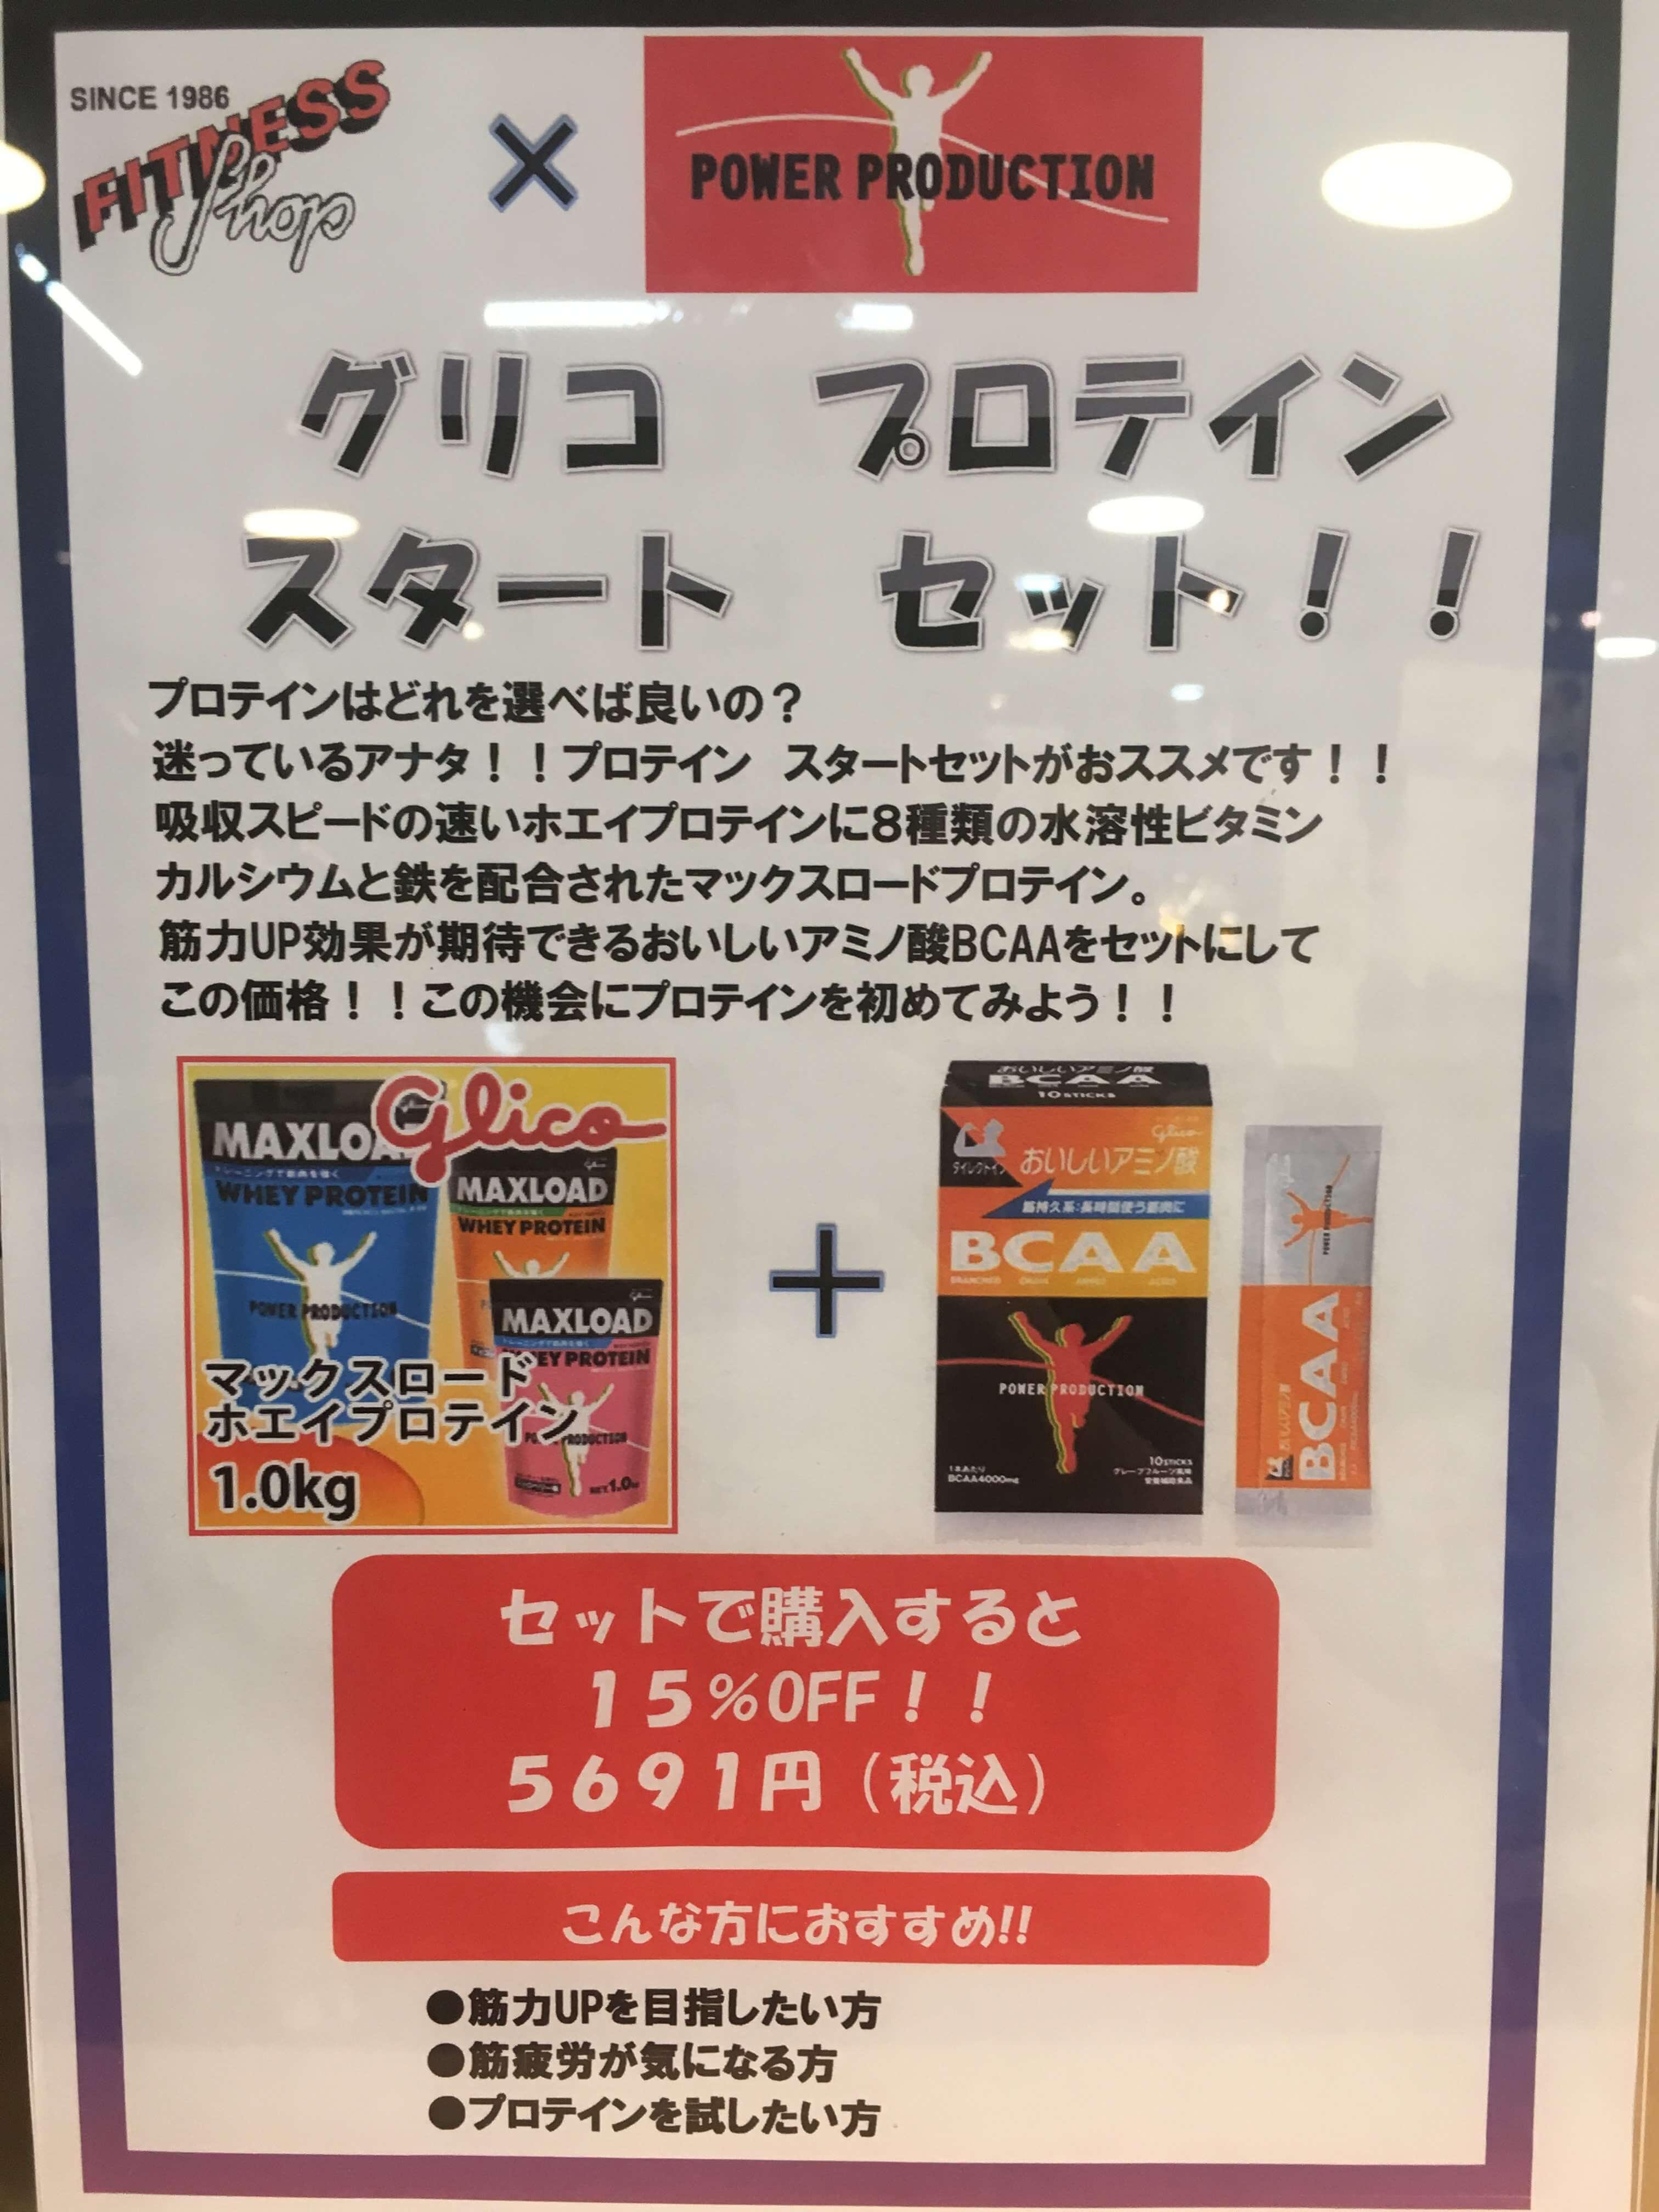 大人気グリコ パワープロダクションホエイプロテインセット割引!!